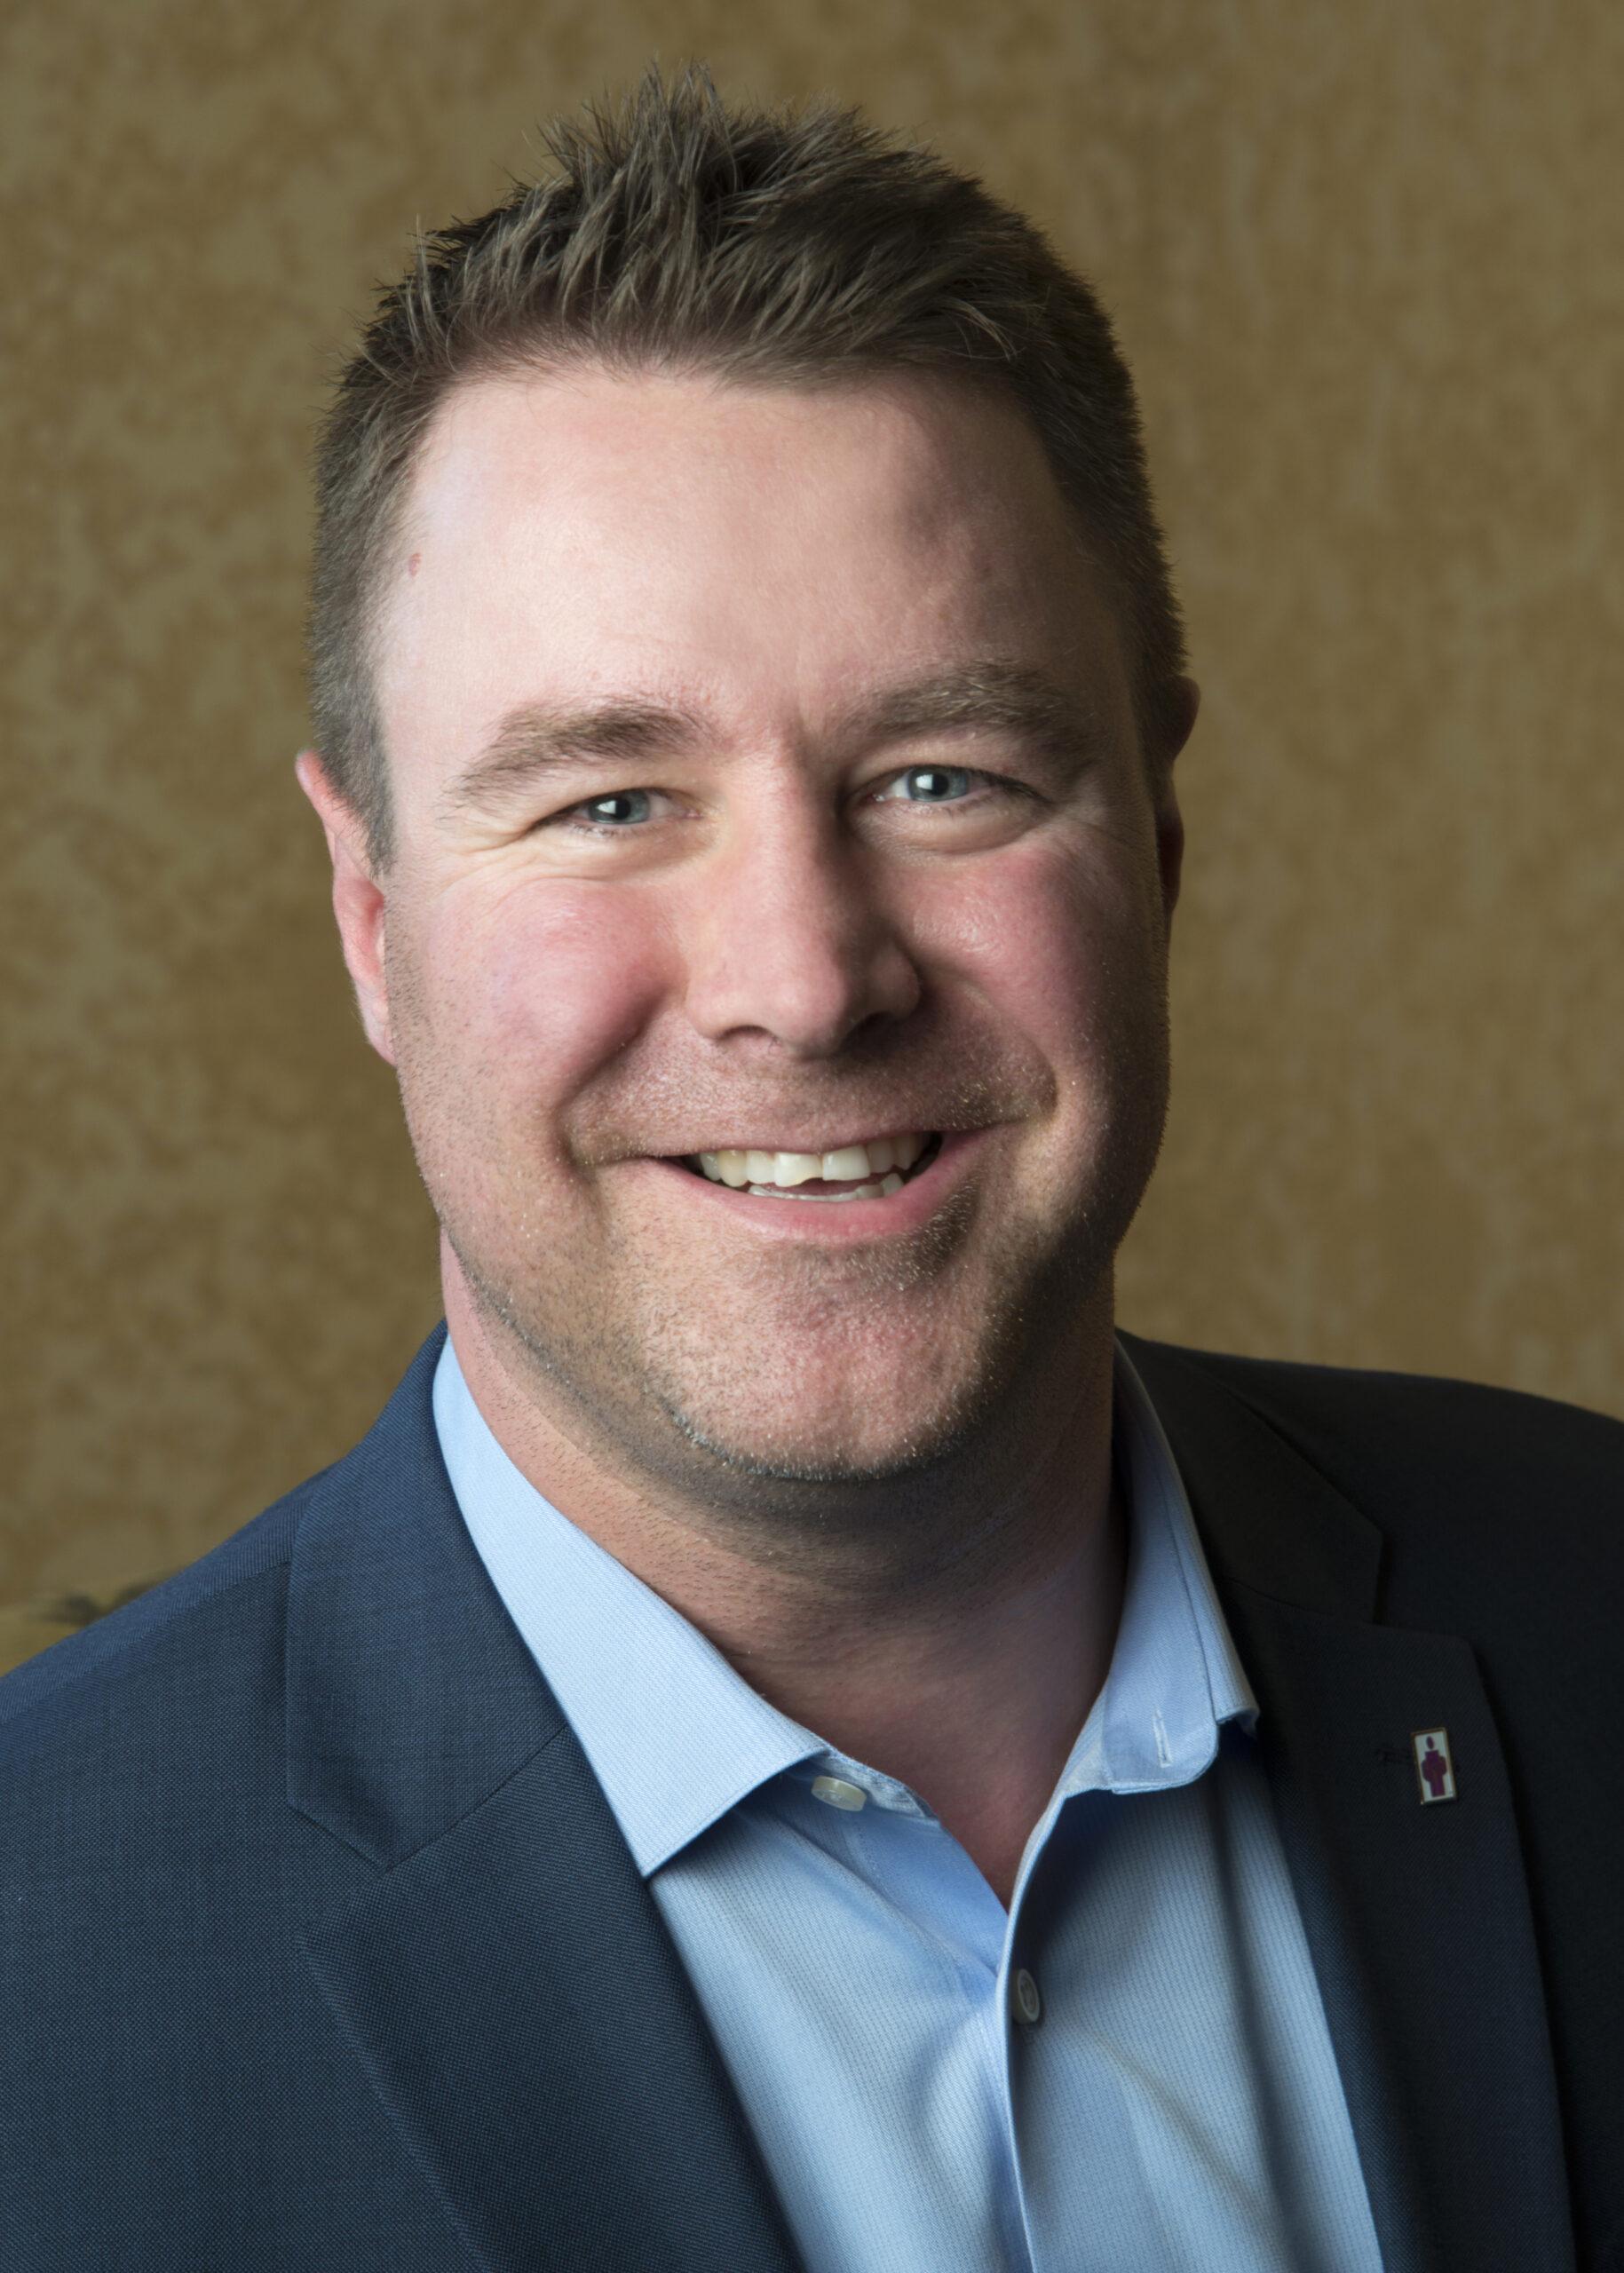 Trevor Sodergren